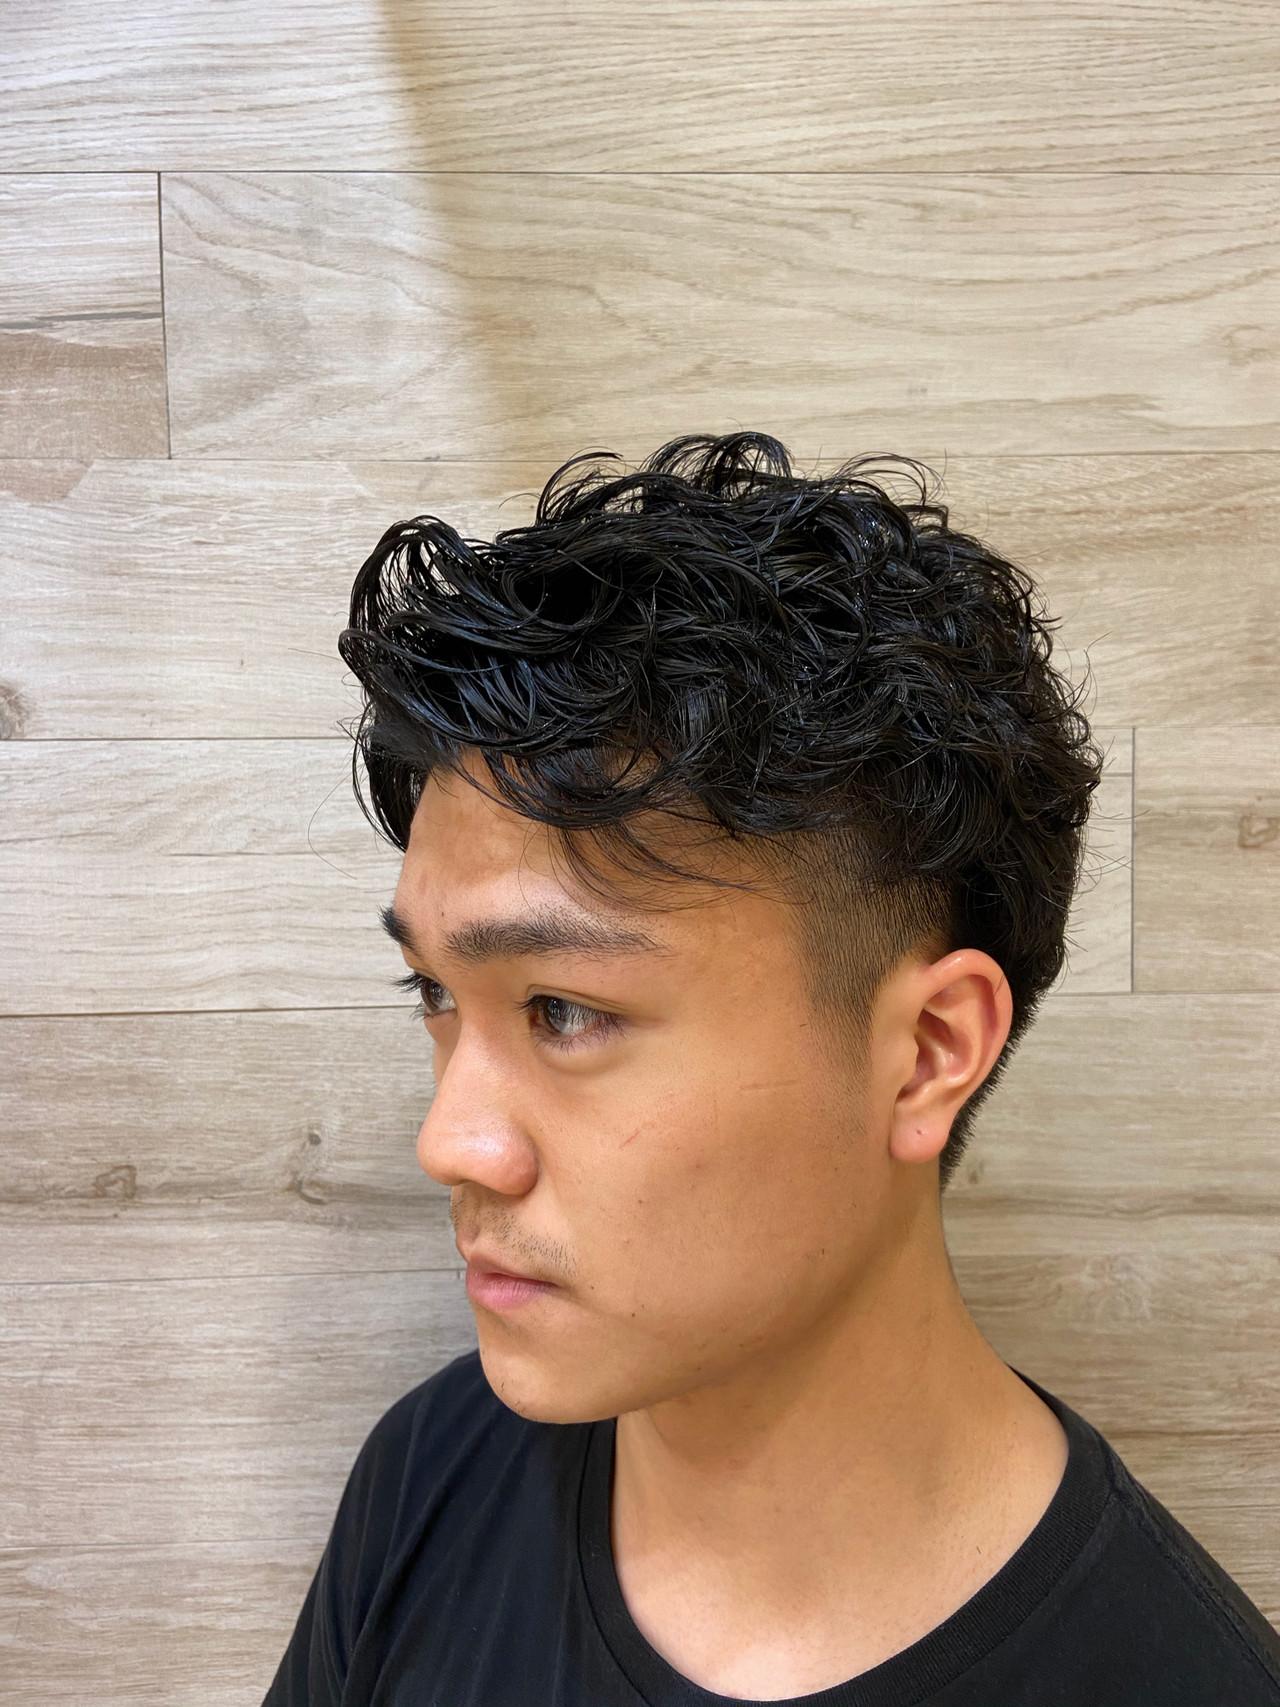 ウルフカット ベリーショート 無造作パーマ メンズパーマ ヘアスタイルや髪型の写真・画像